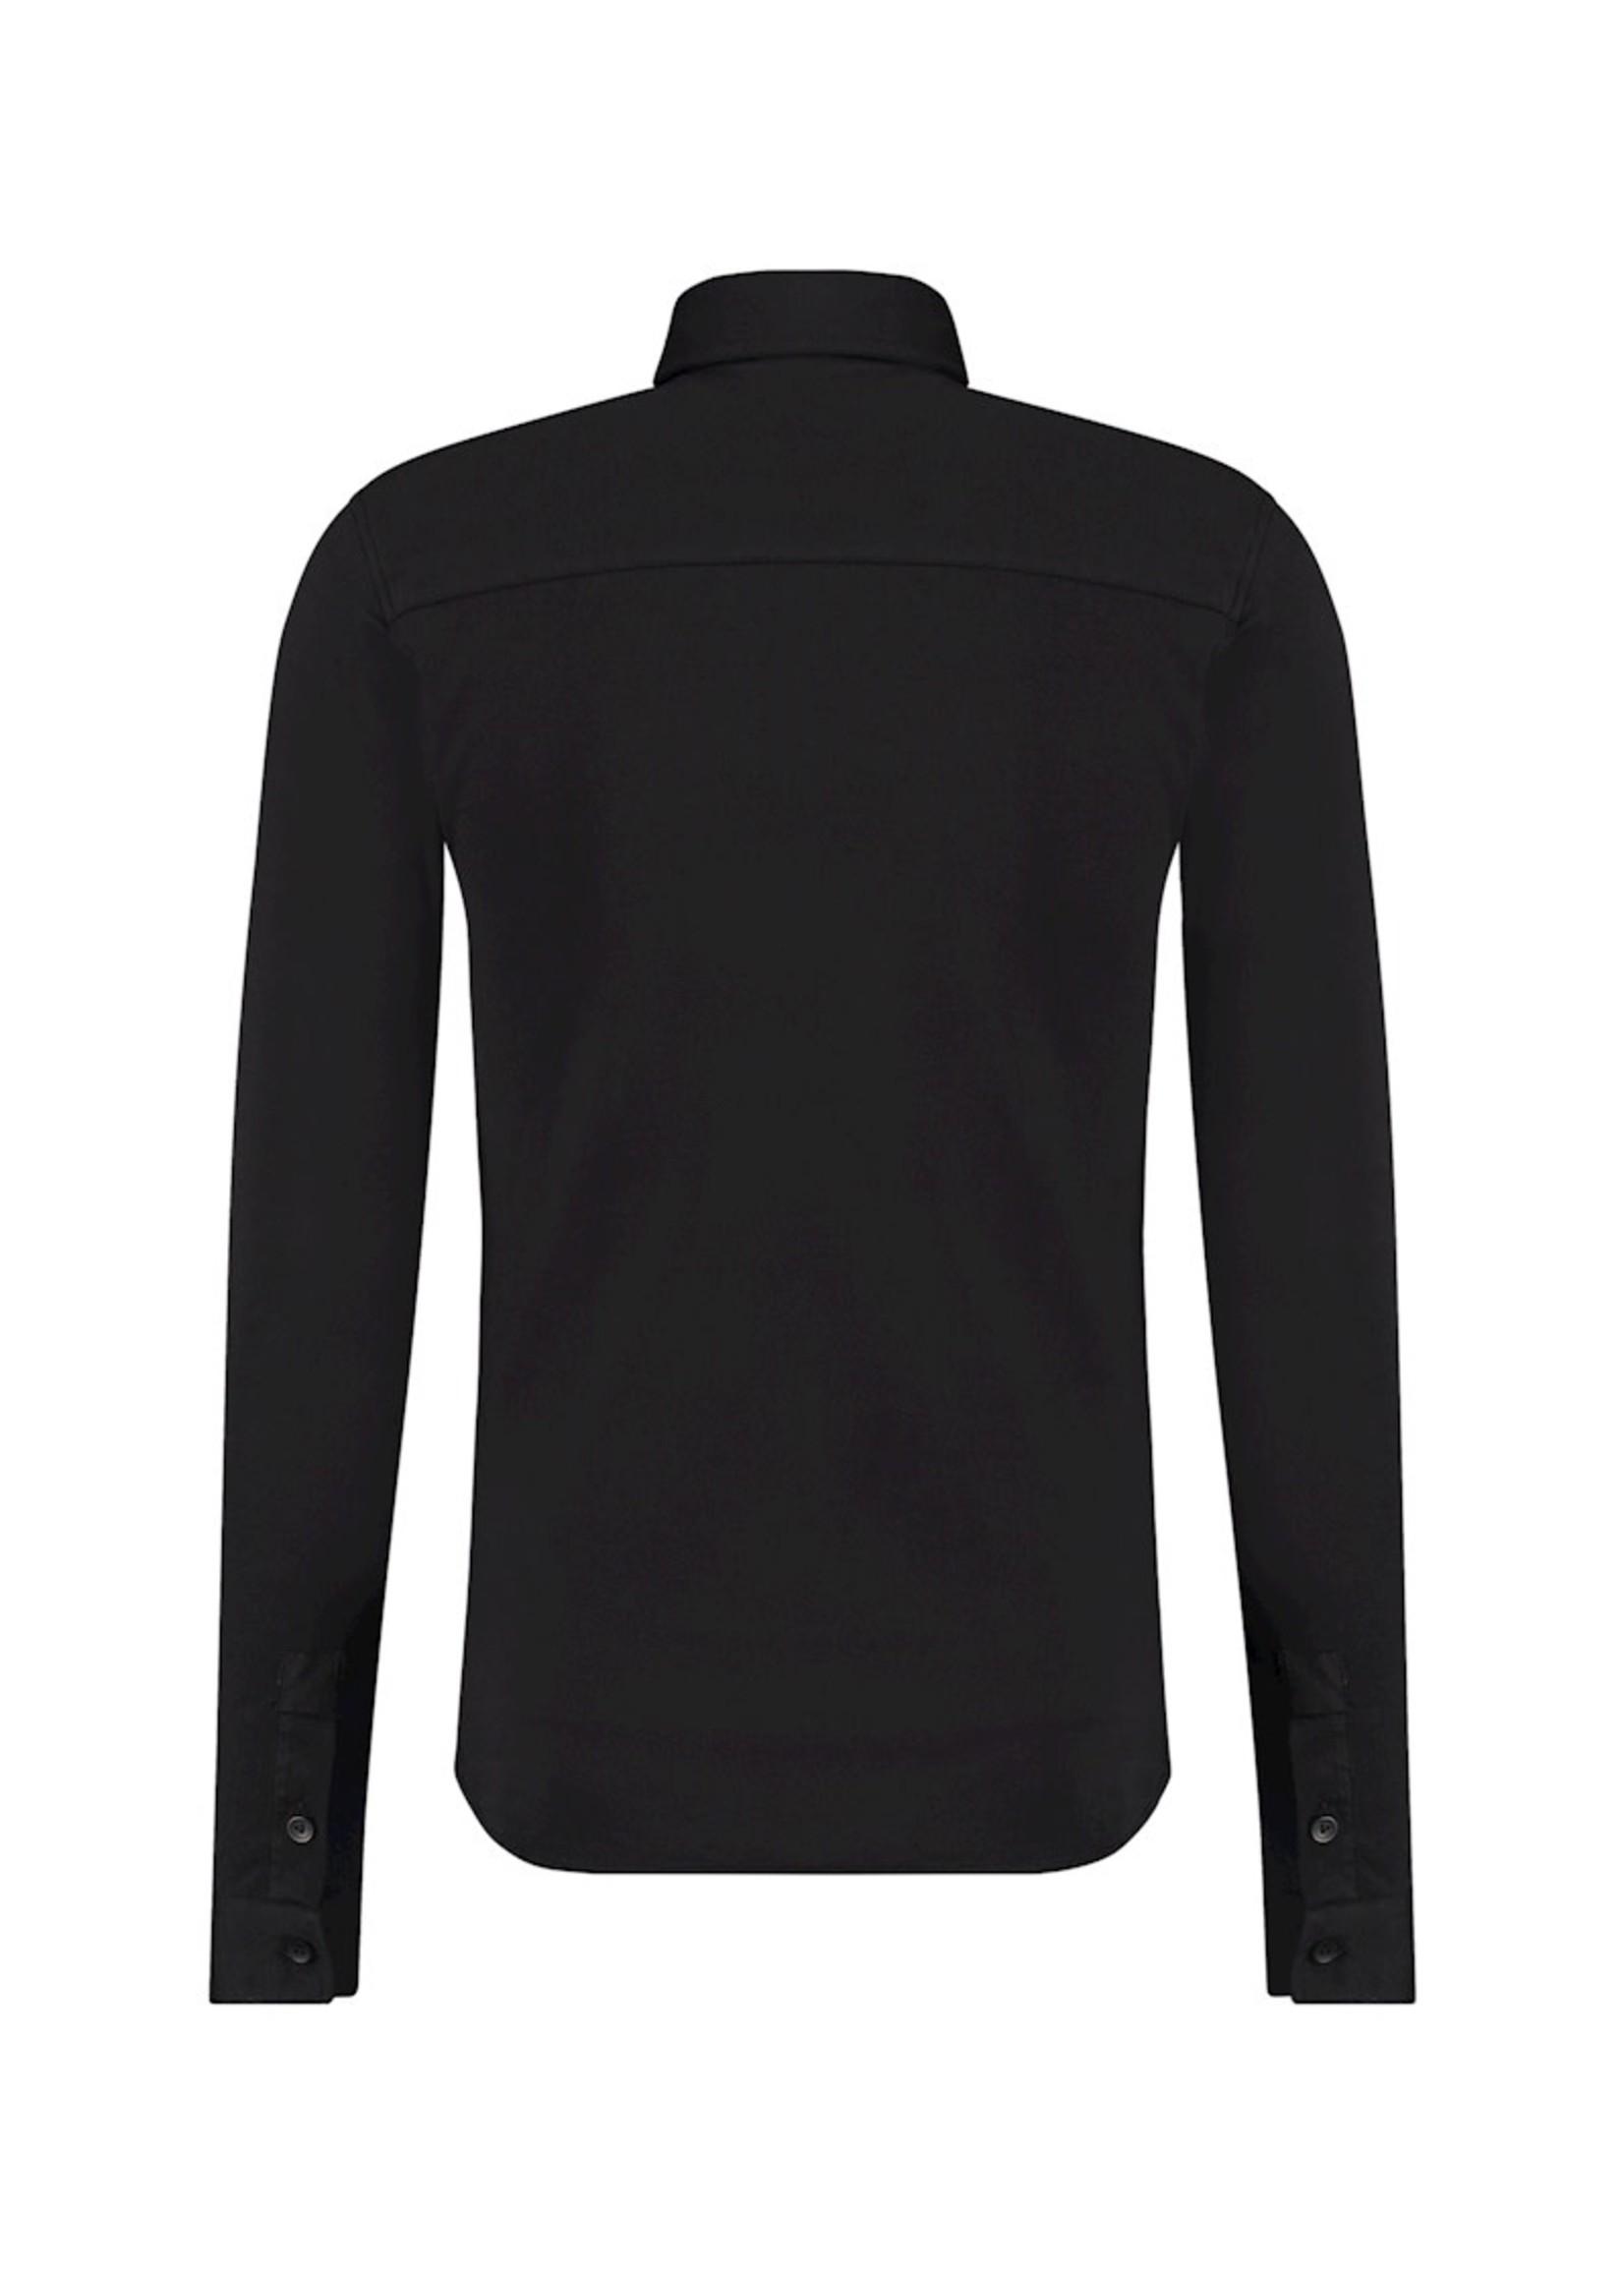 Purewhite Purewhite Essential Shirt - Black